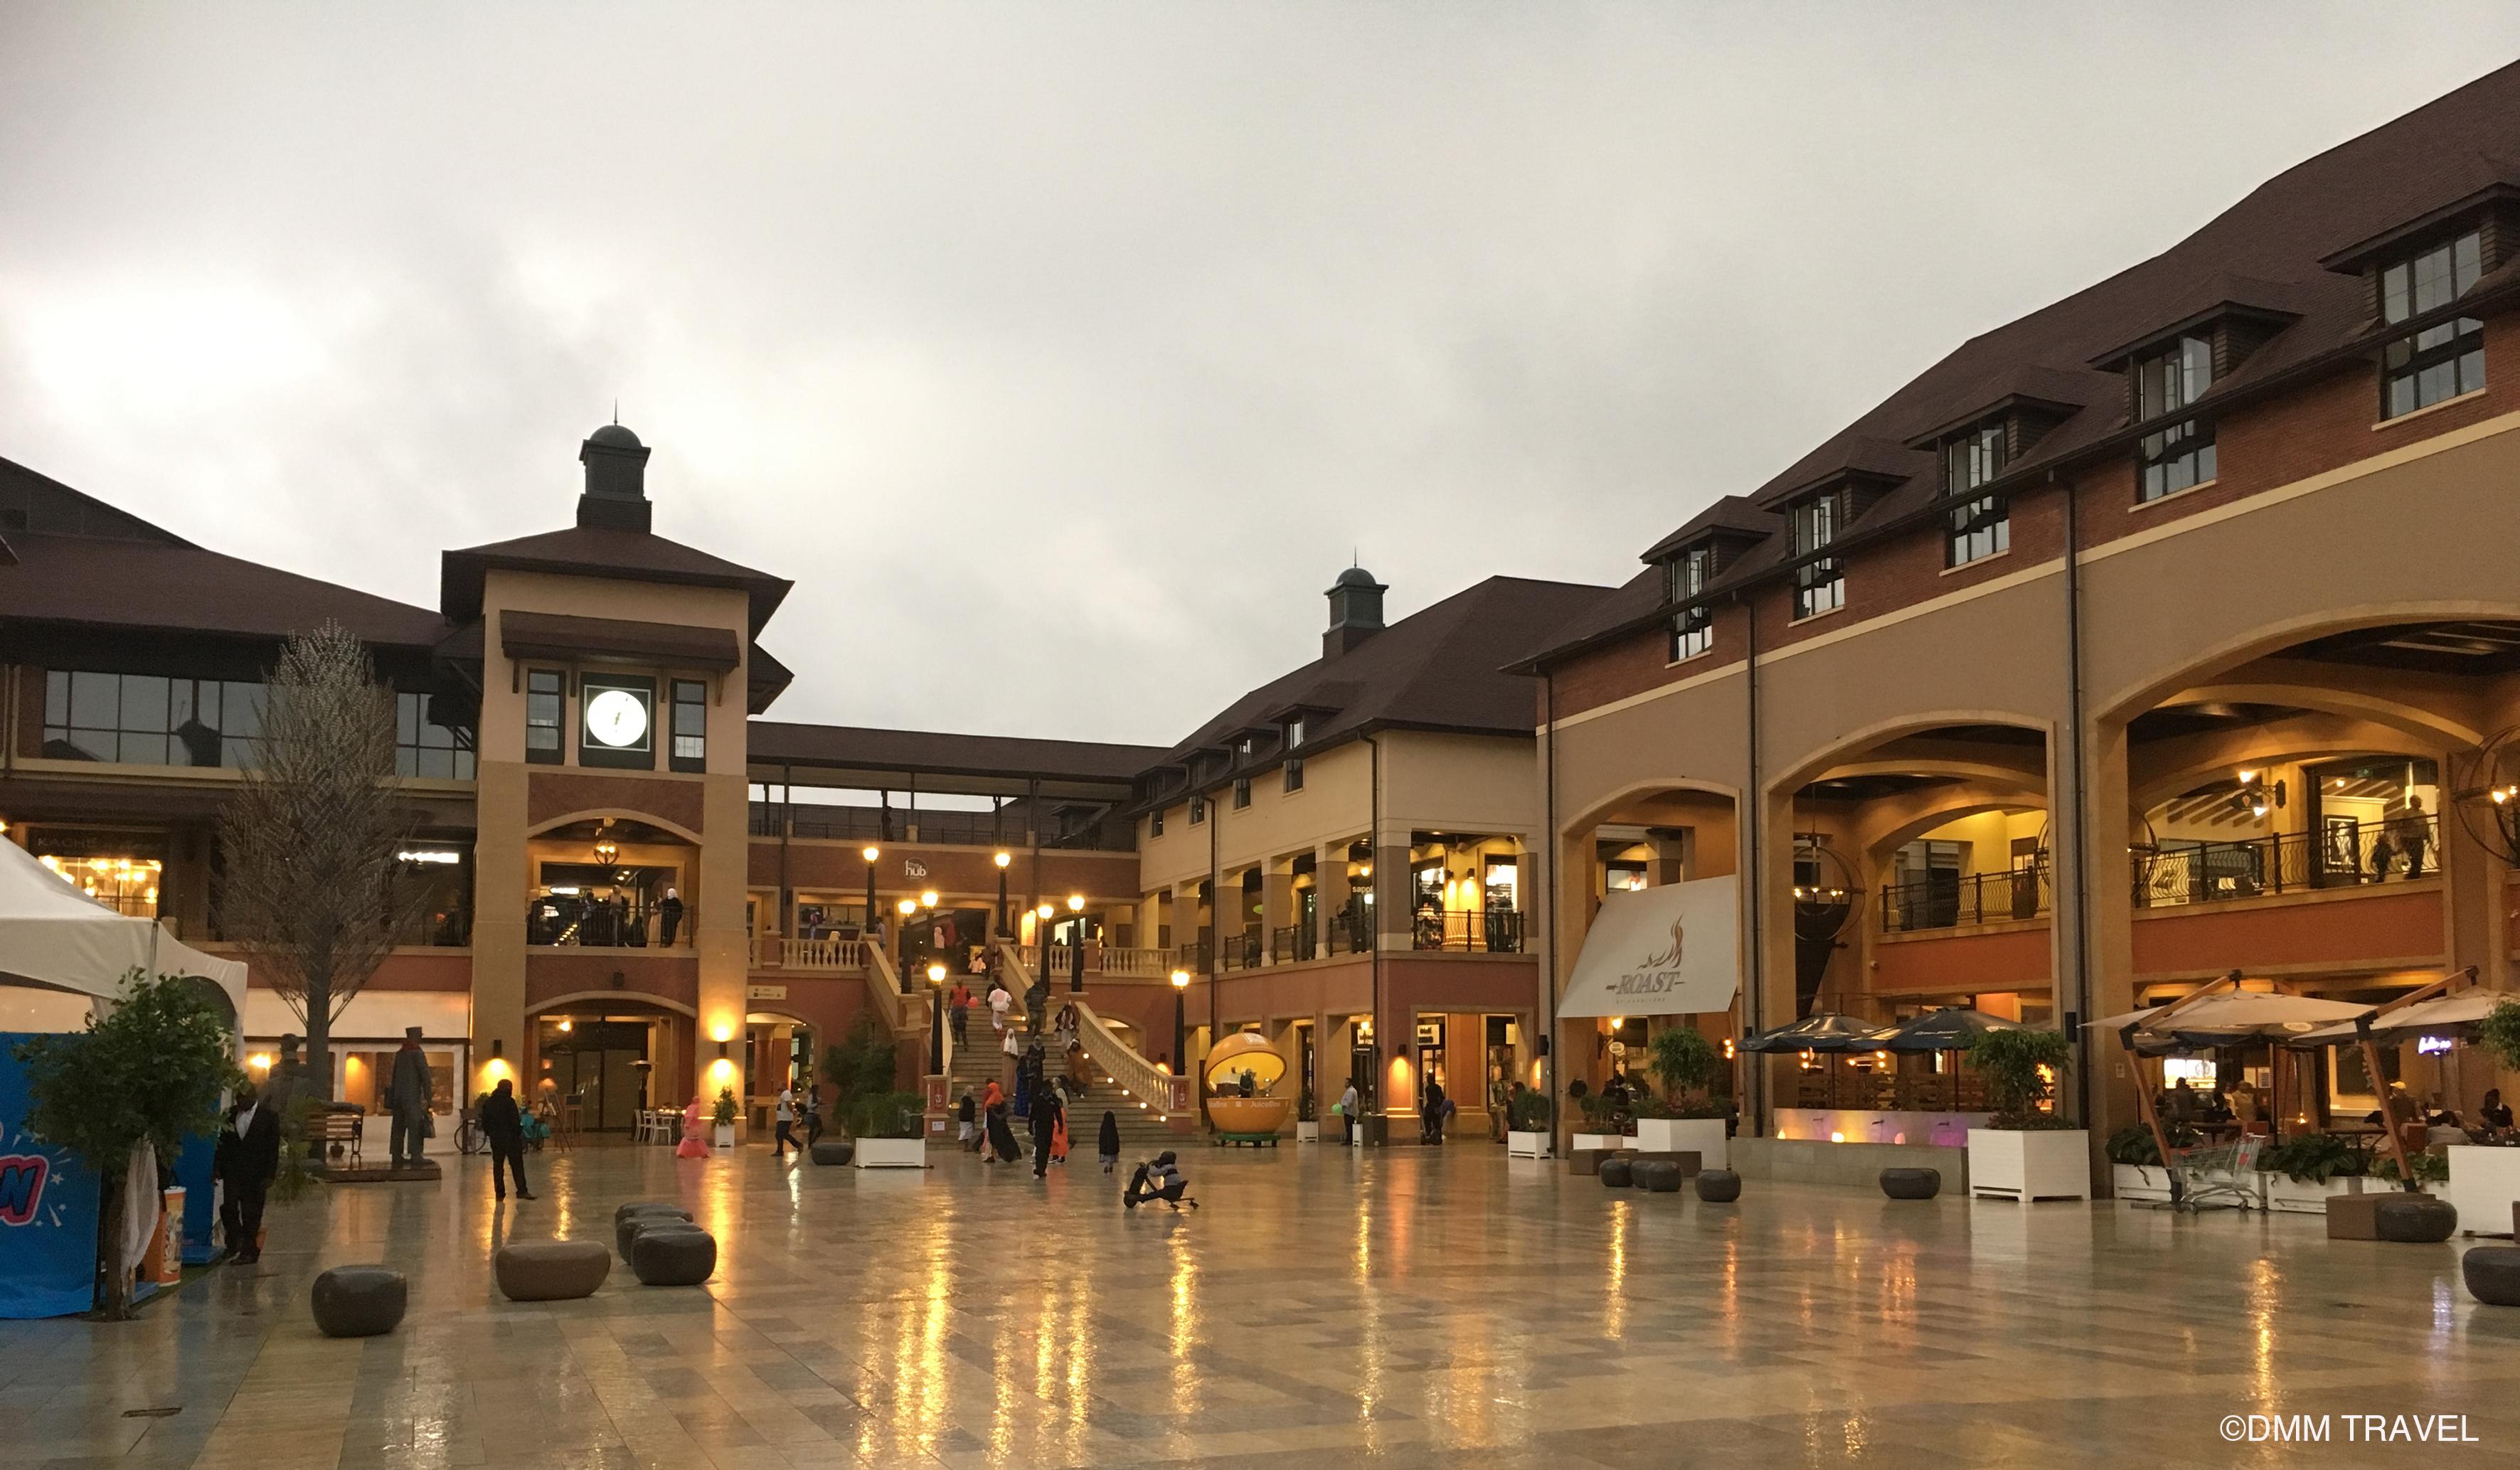 ケニアの首都ナイロビにあるショッピングモール「ザ・ハブ・カレン(The Hub Karen)」